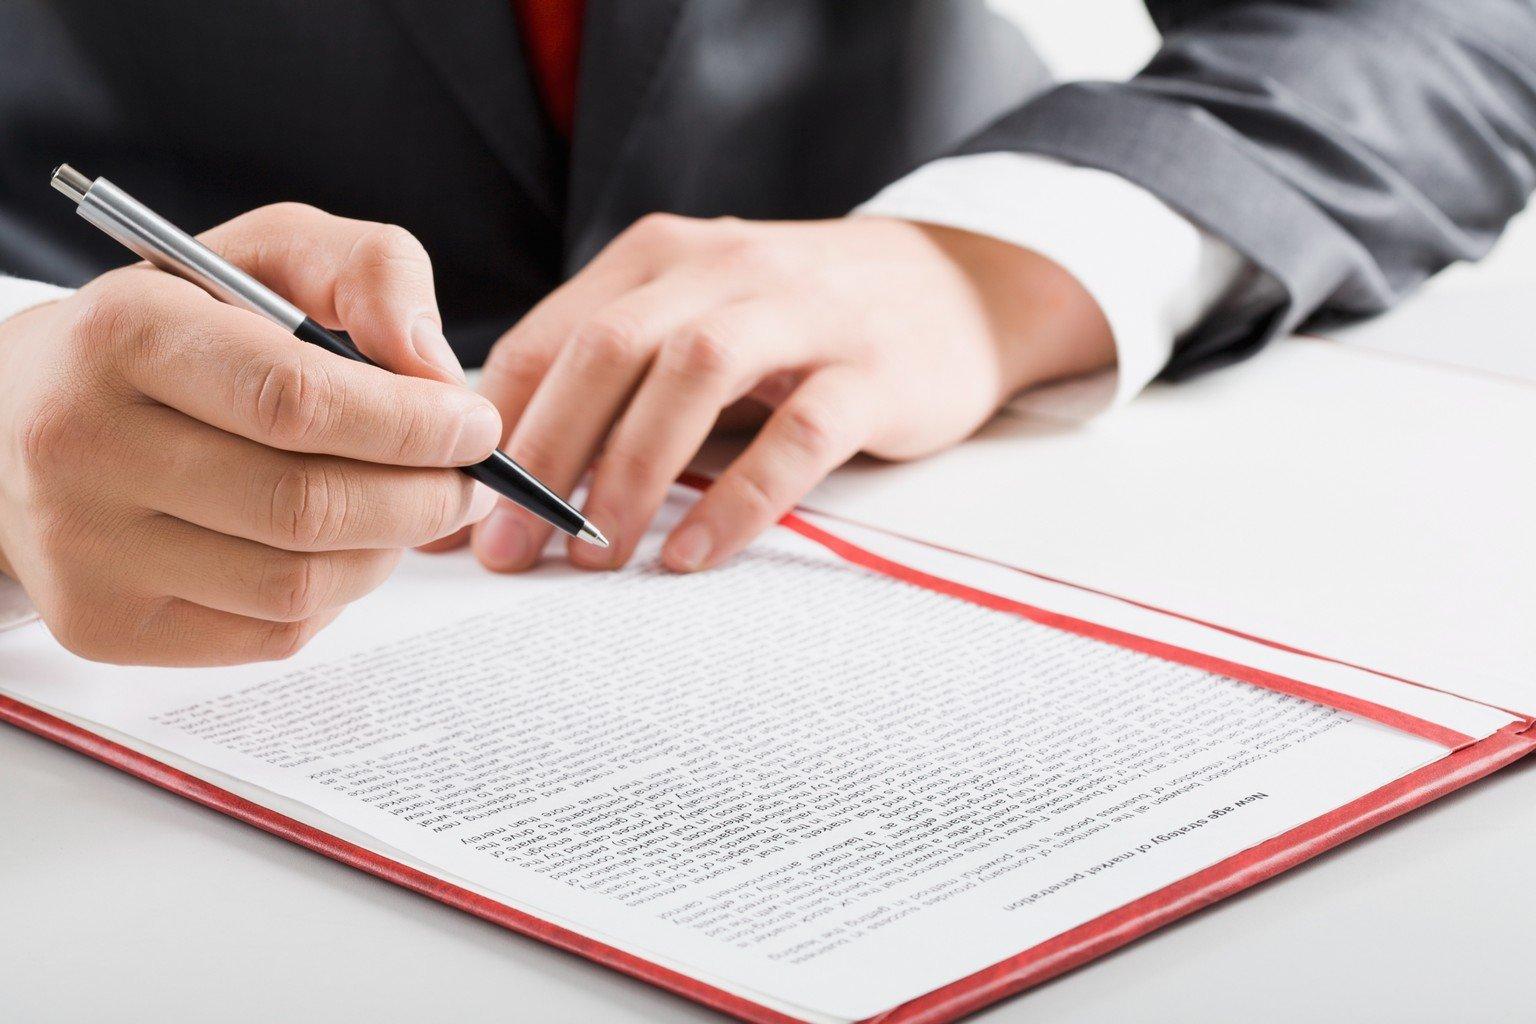 Регистрация права на указание происхождения товара